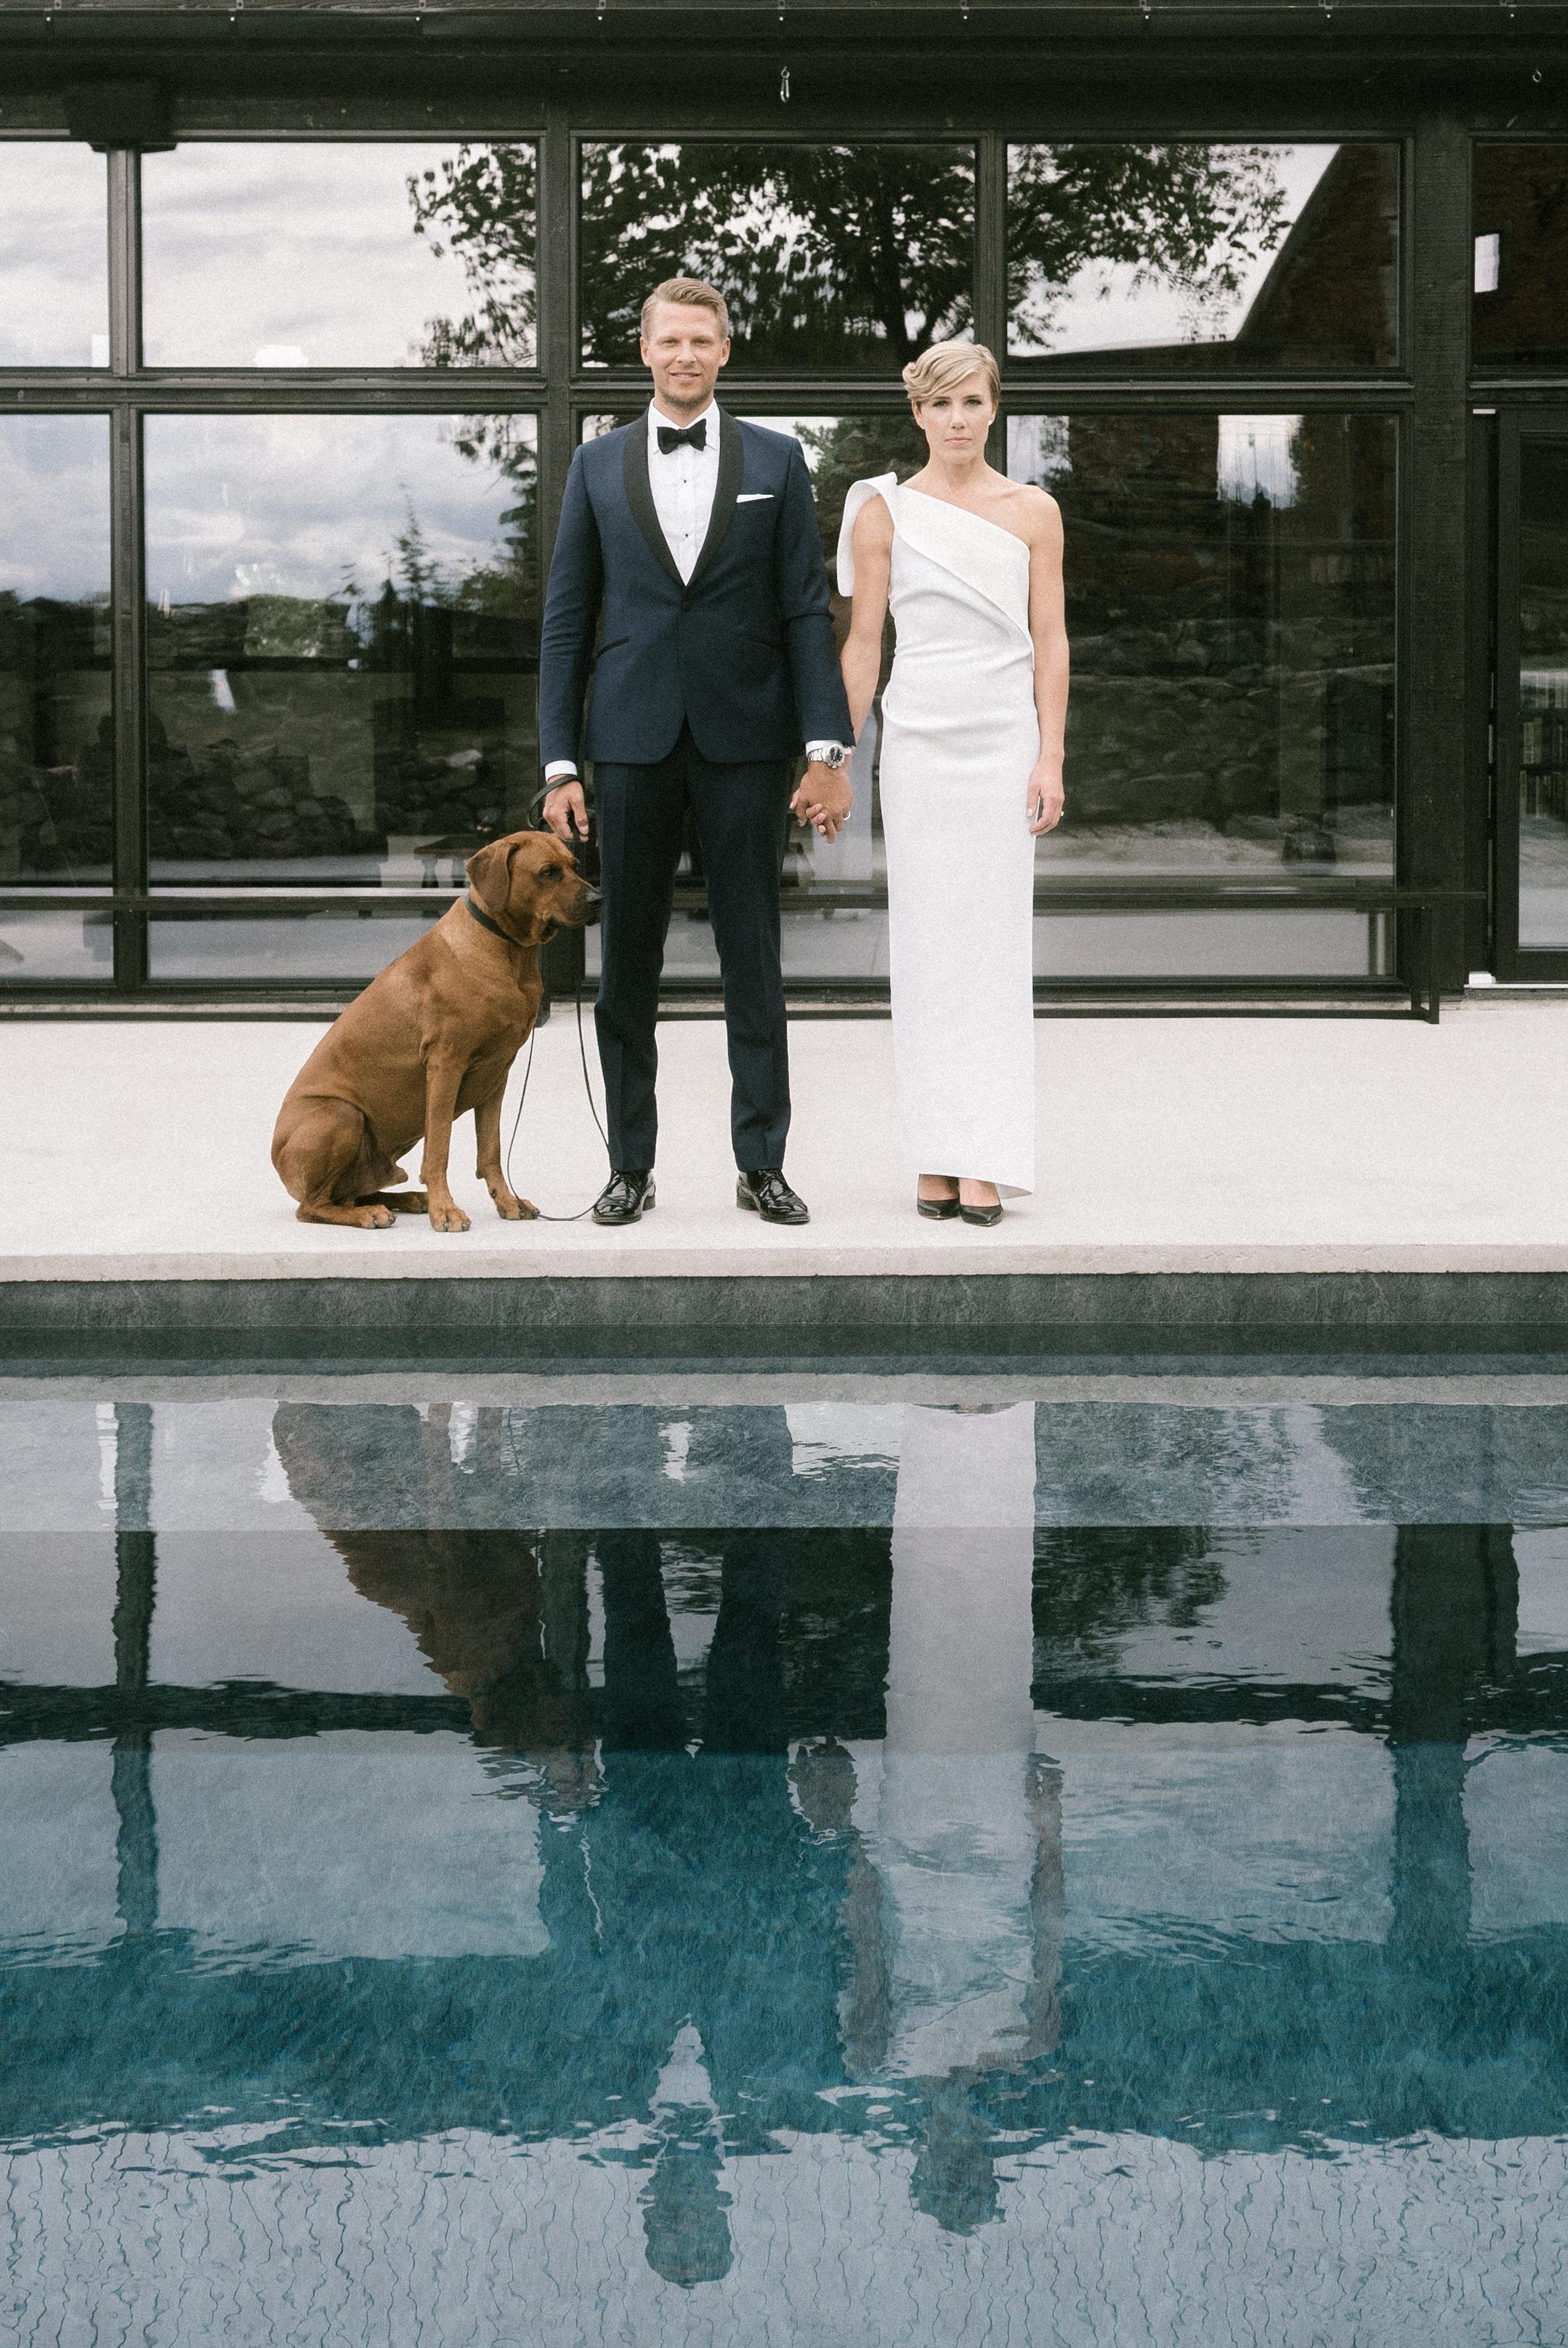 liamwartonweddings-3.jpg